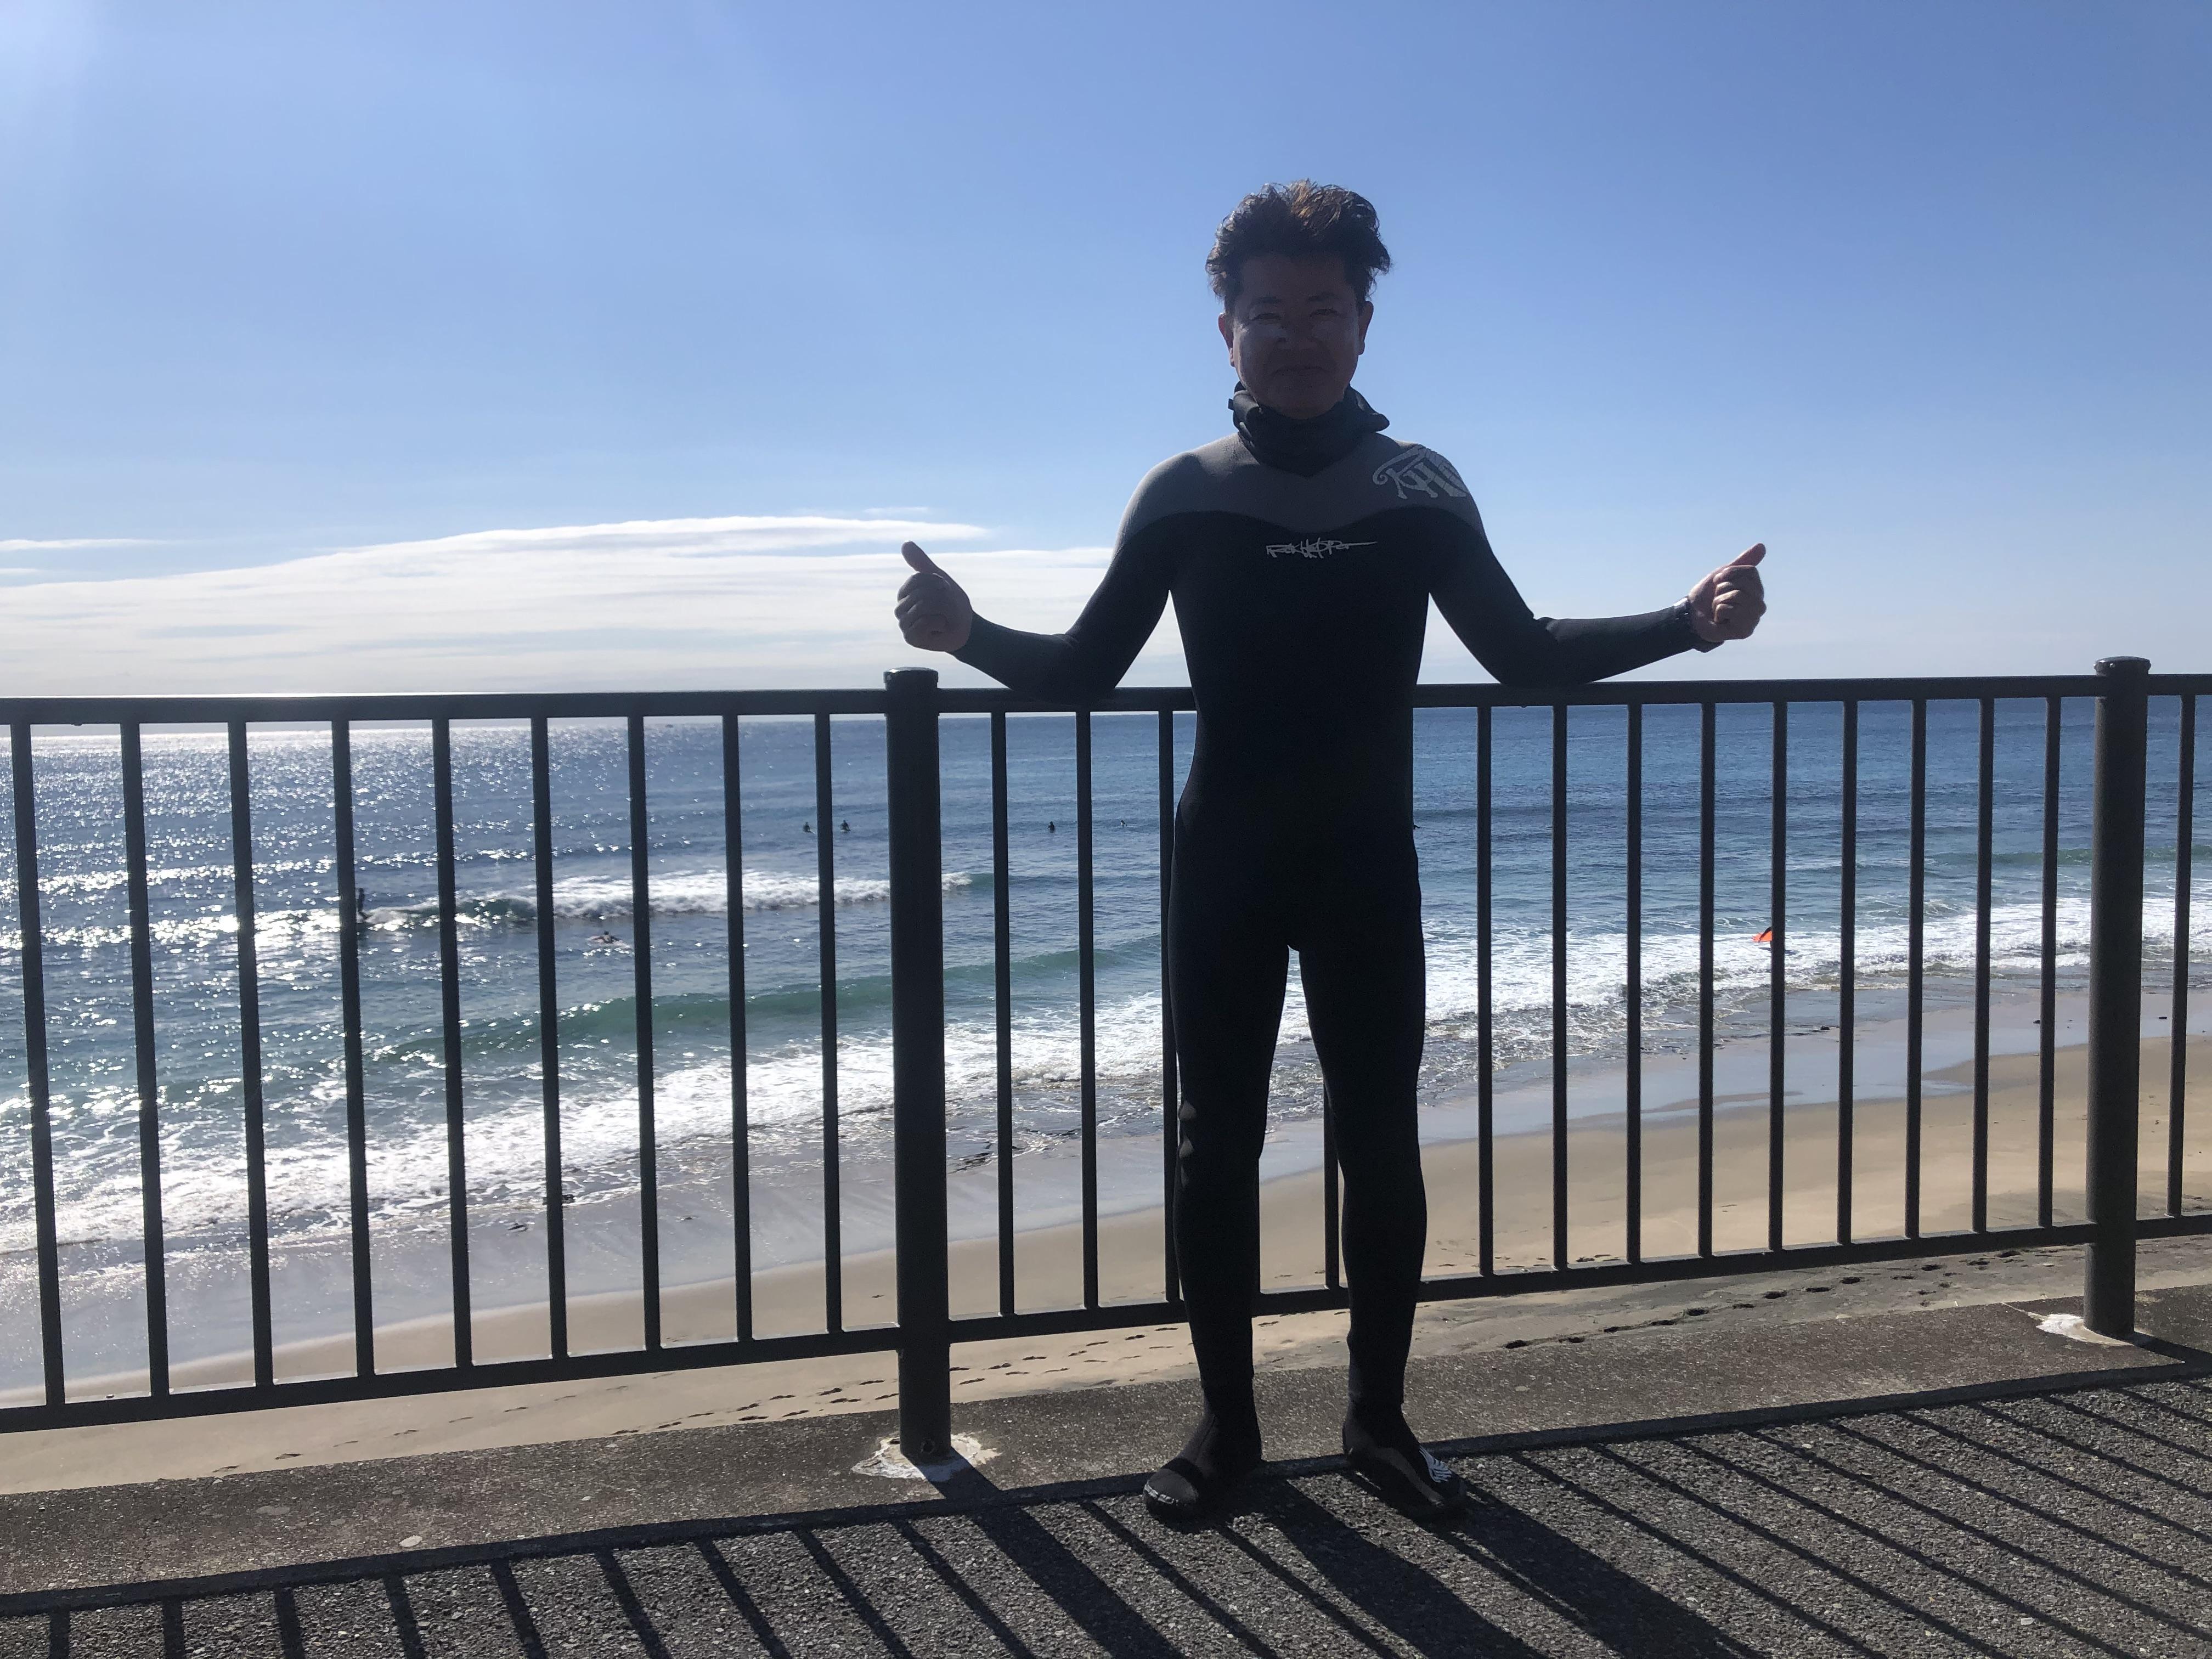 【3月25日(水)午前の部 / ステップアップ サーフィンスクール 】